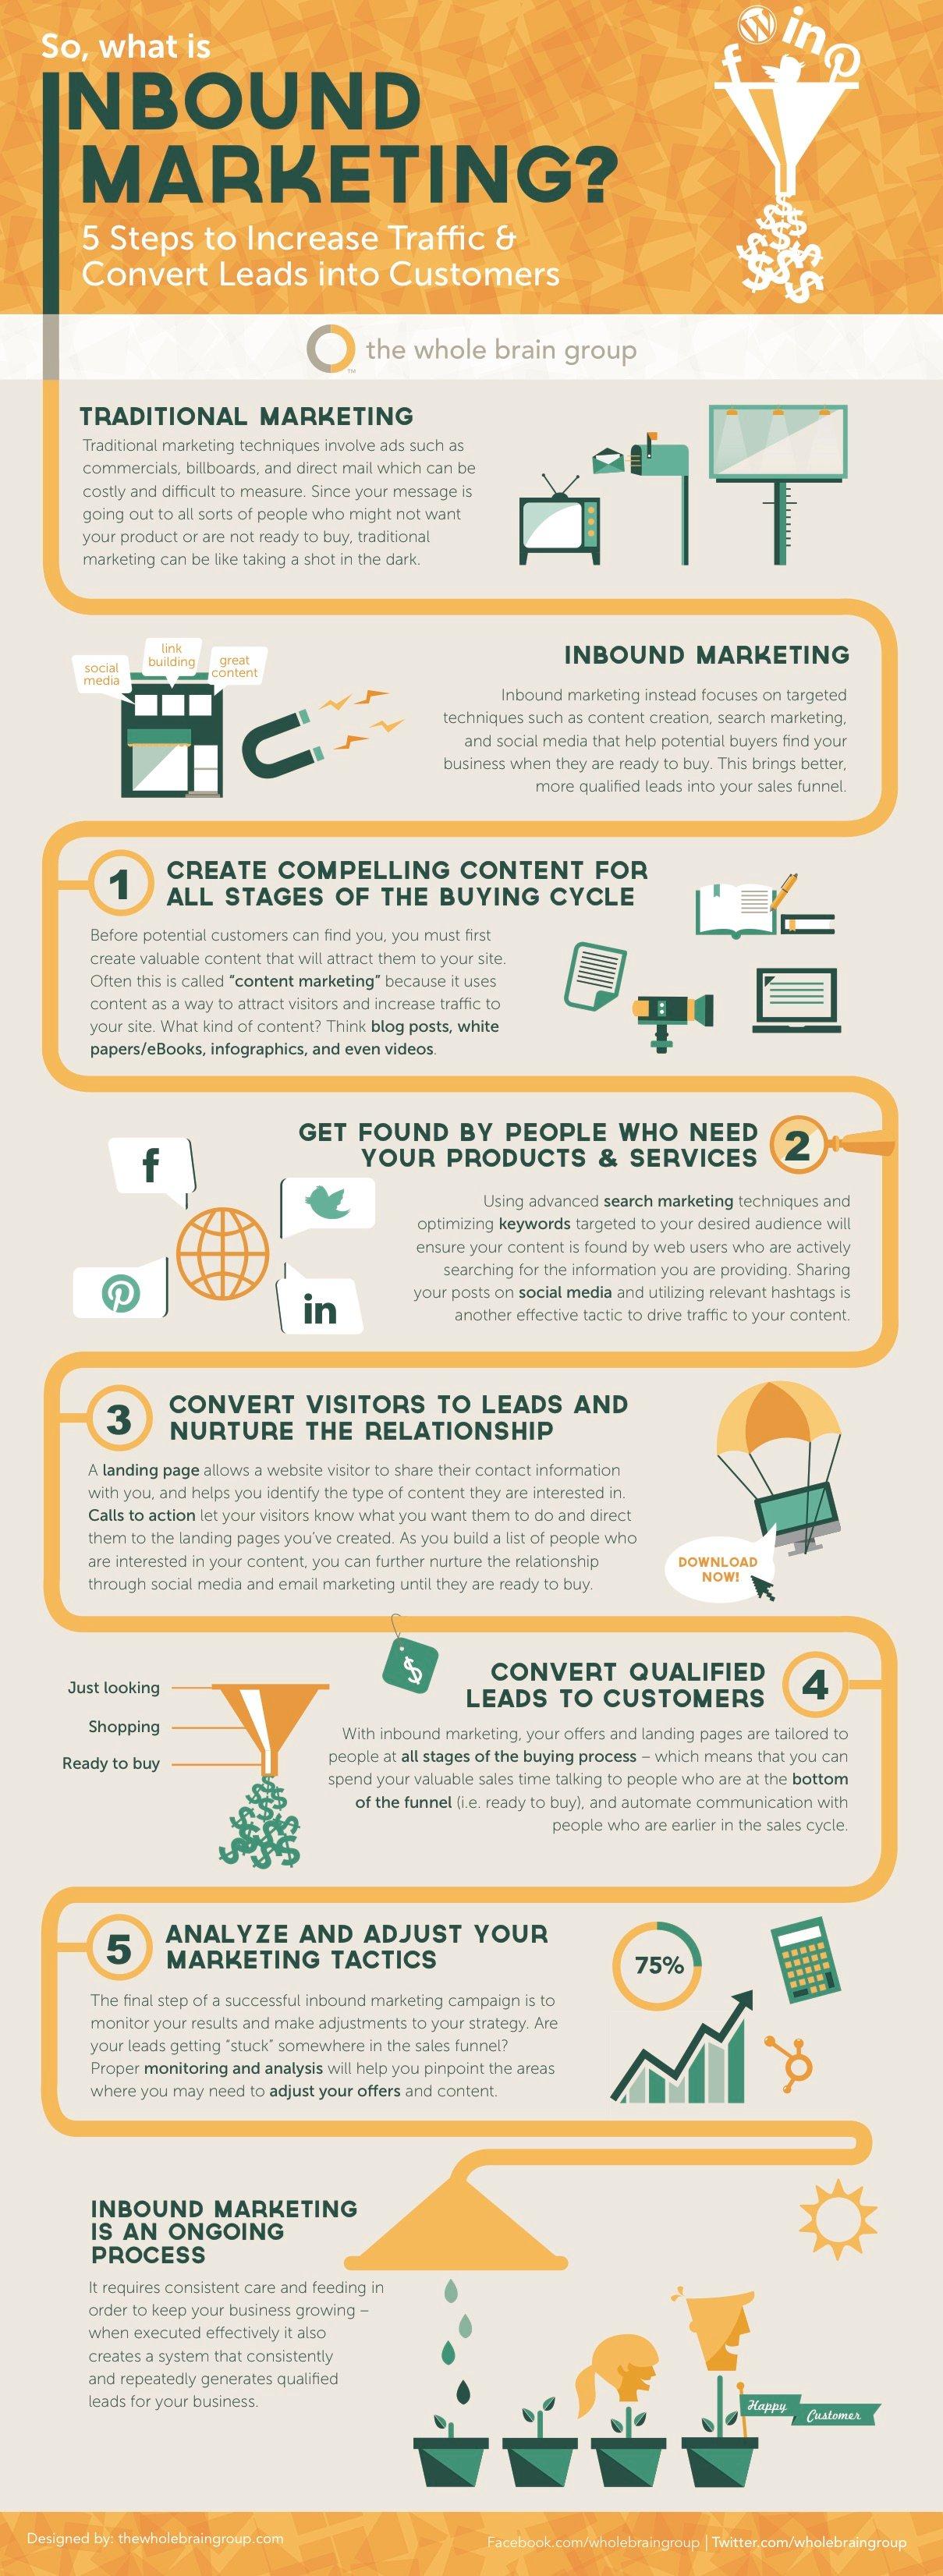 WBG_Infographic_What_Is_Inbound_Marketing.jpg